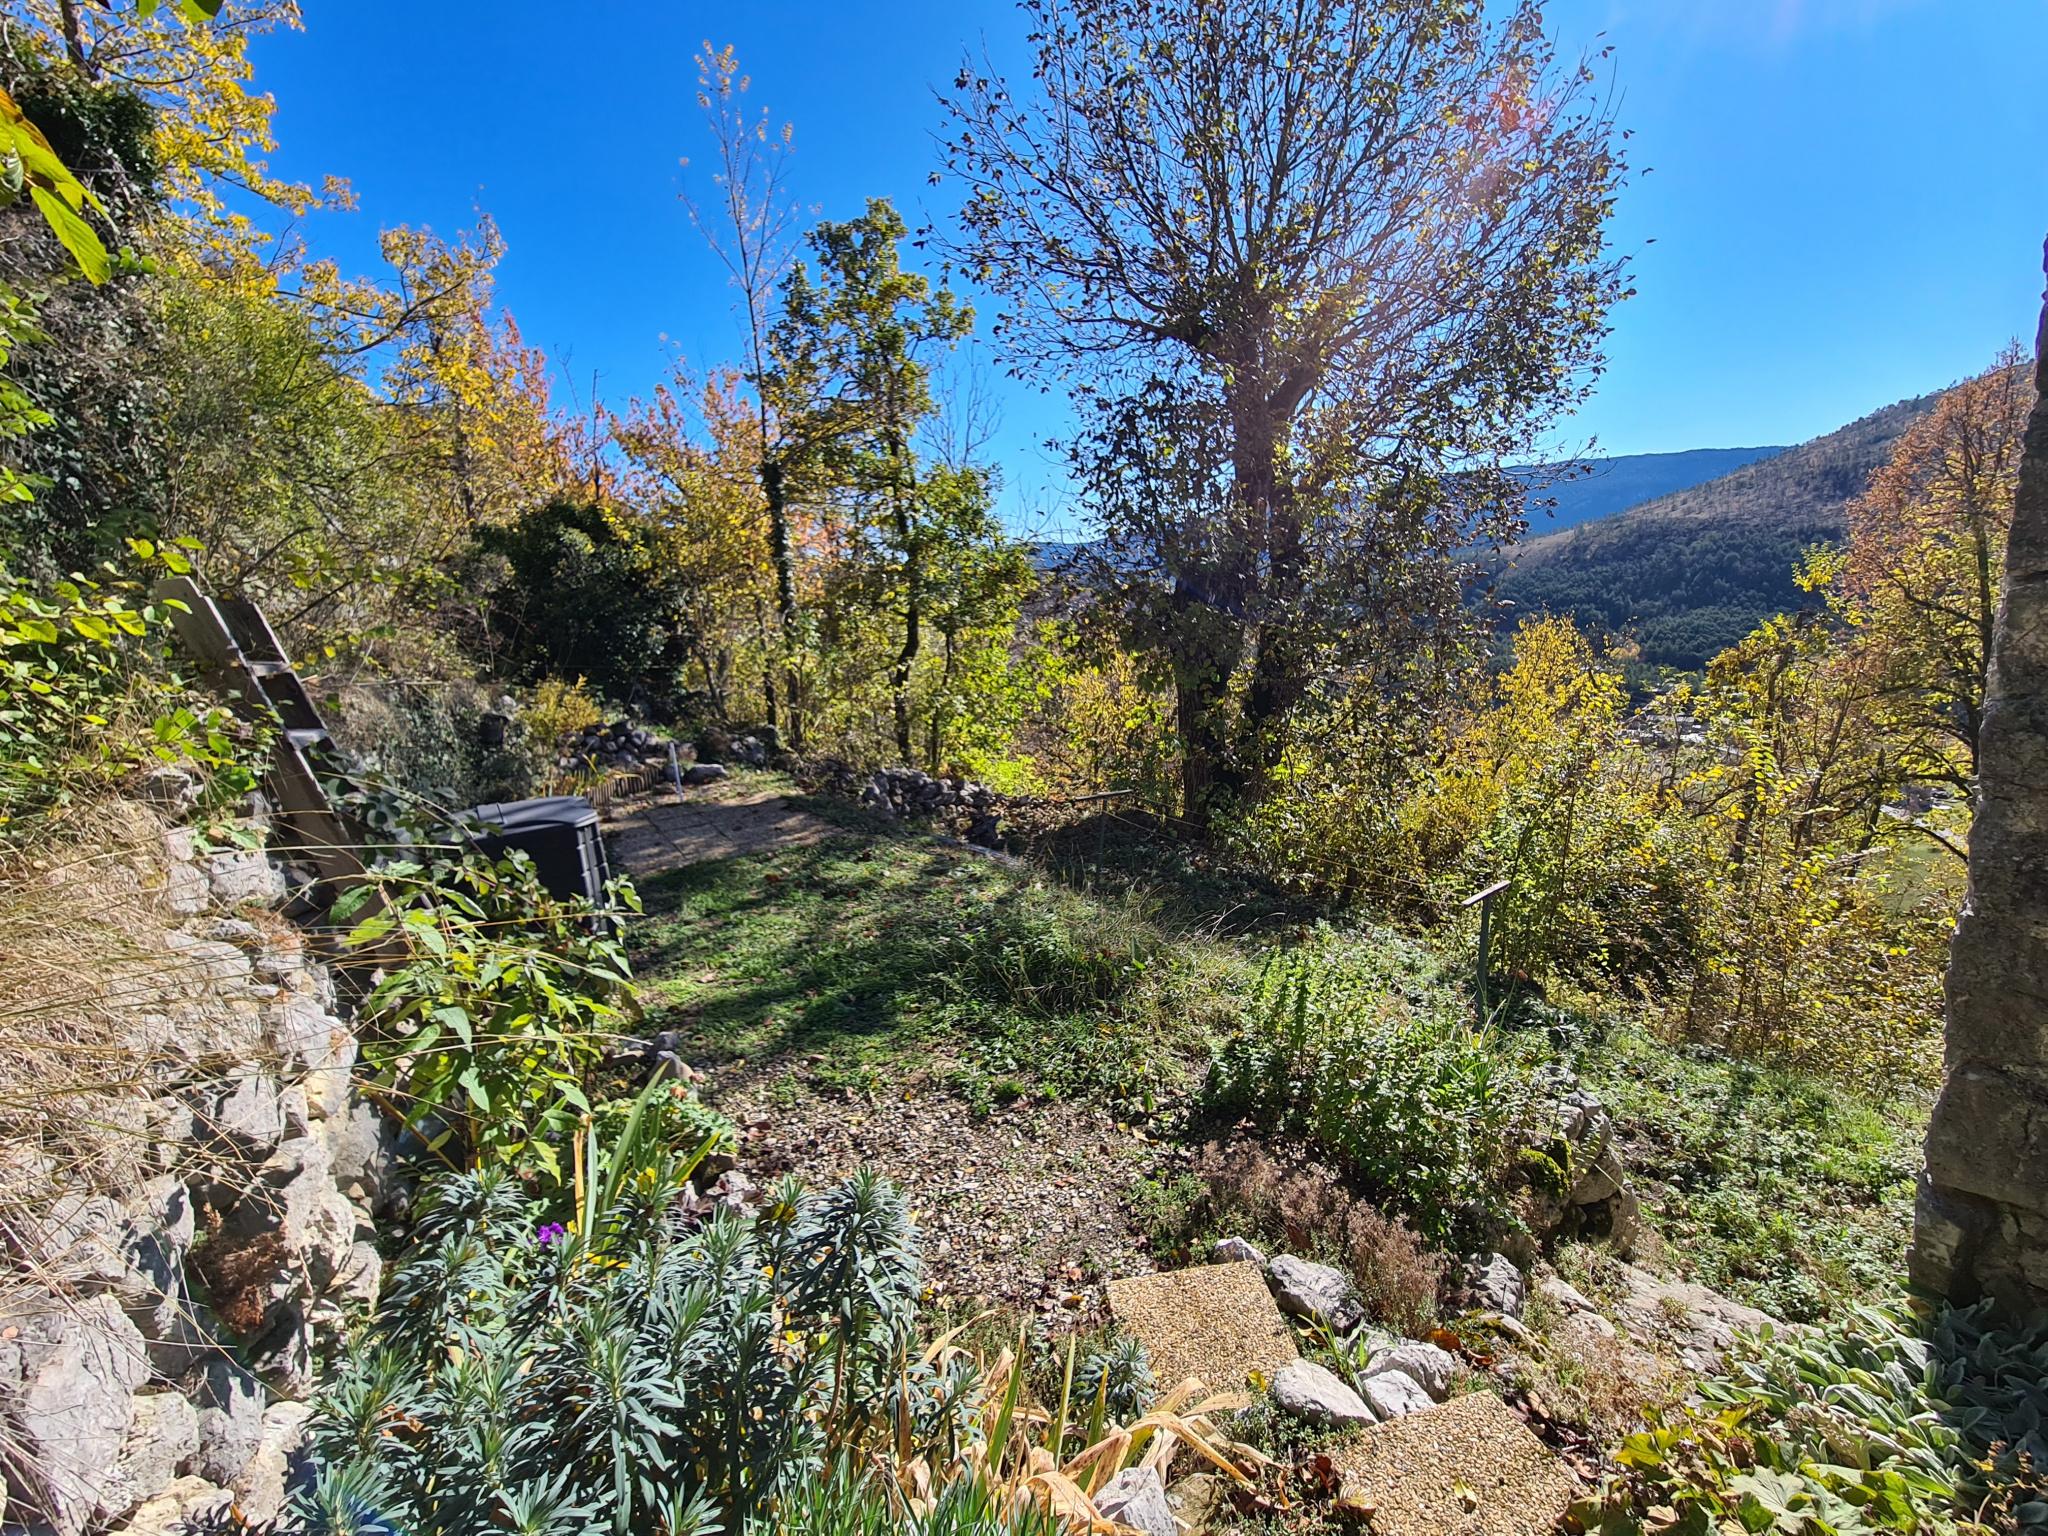 Jardin privatif de 100m², cadastré, en face de la maison